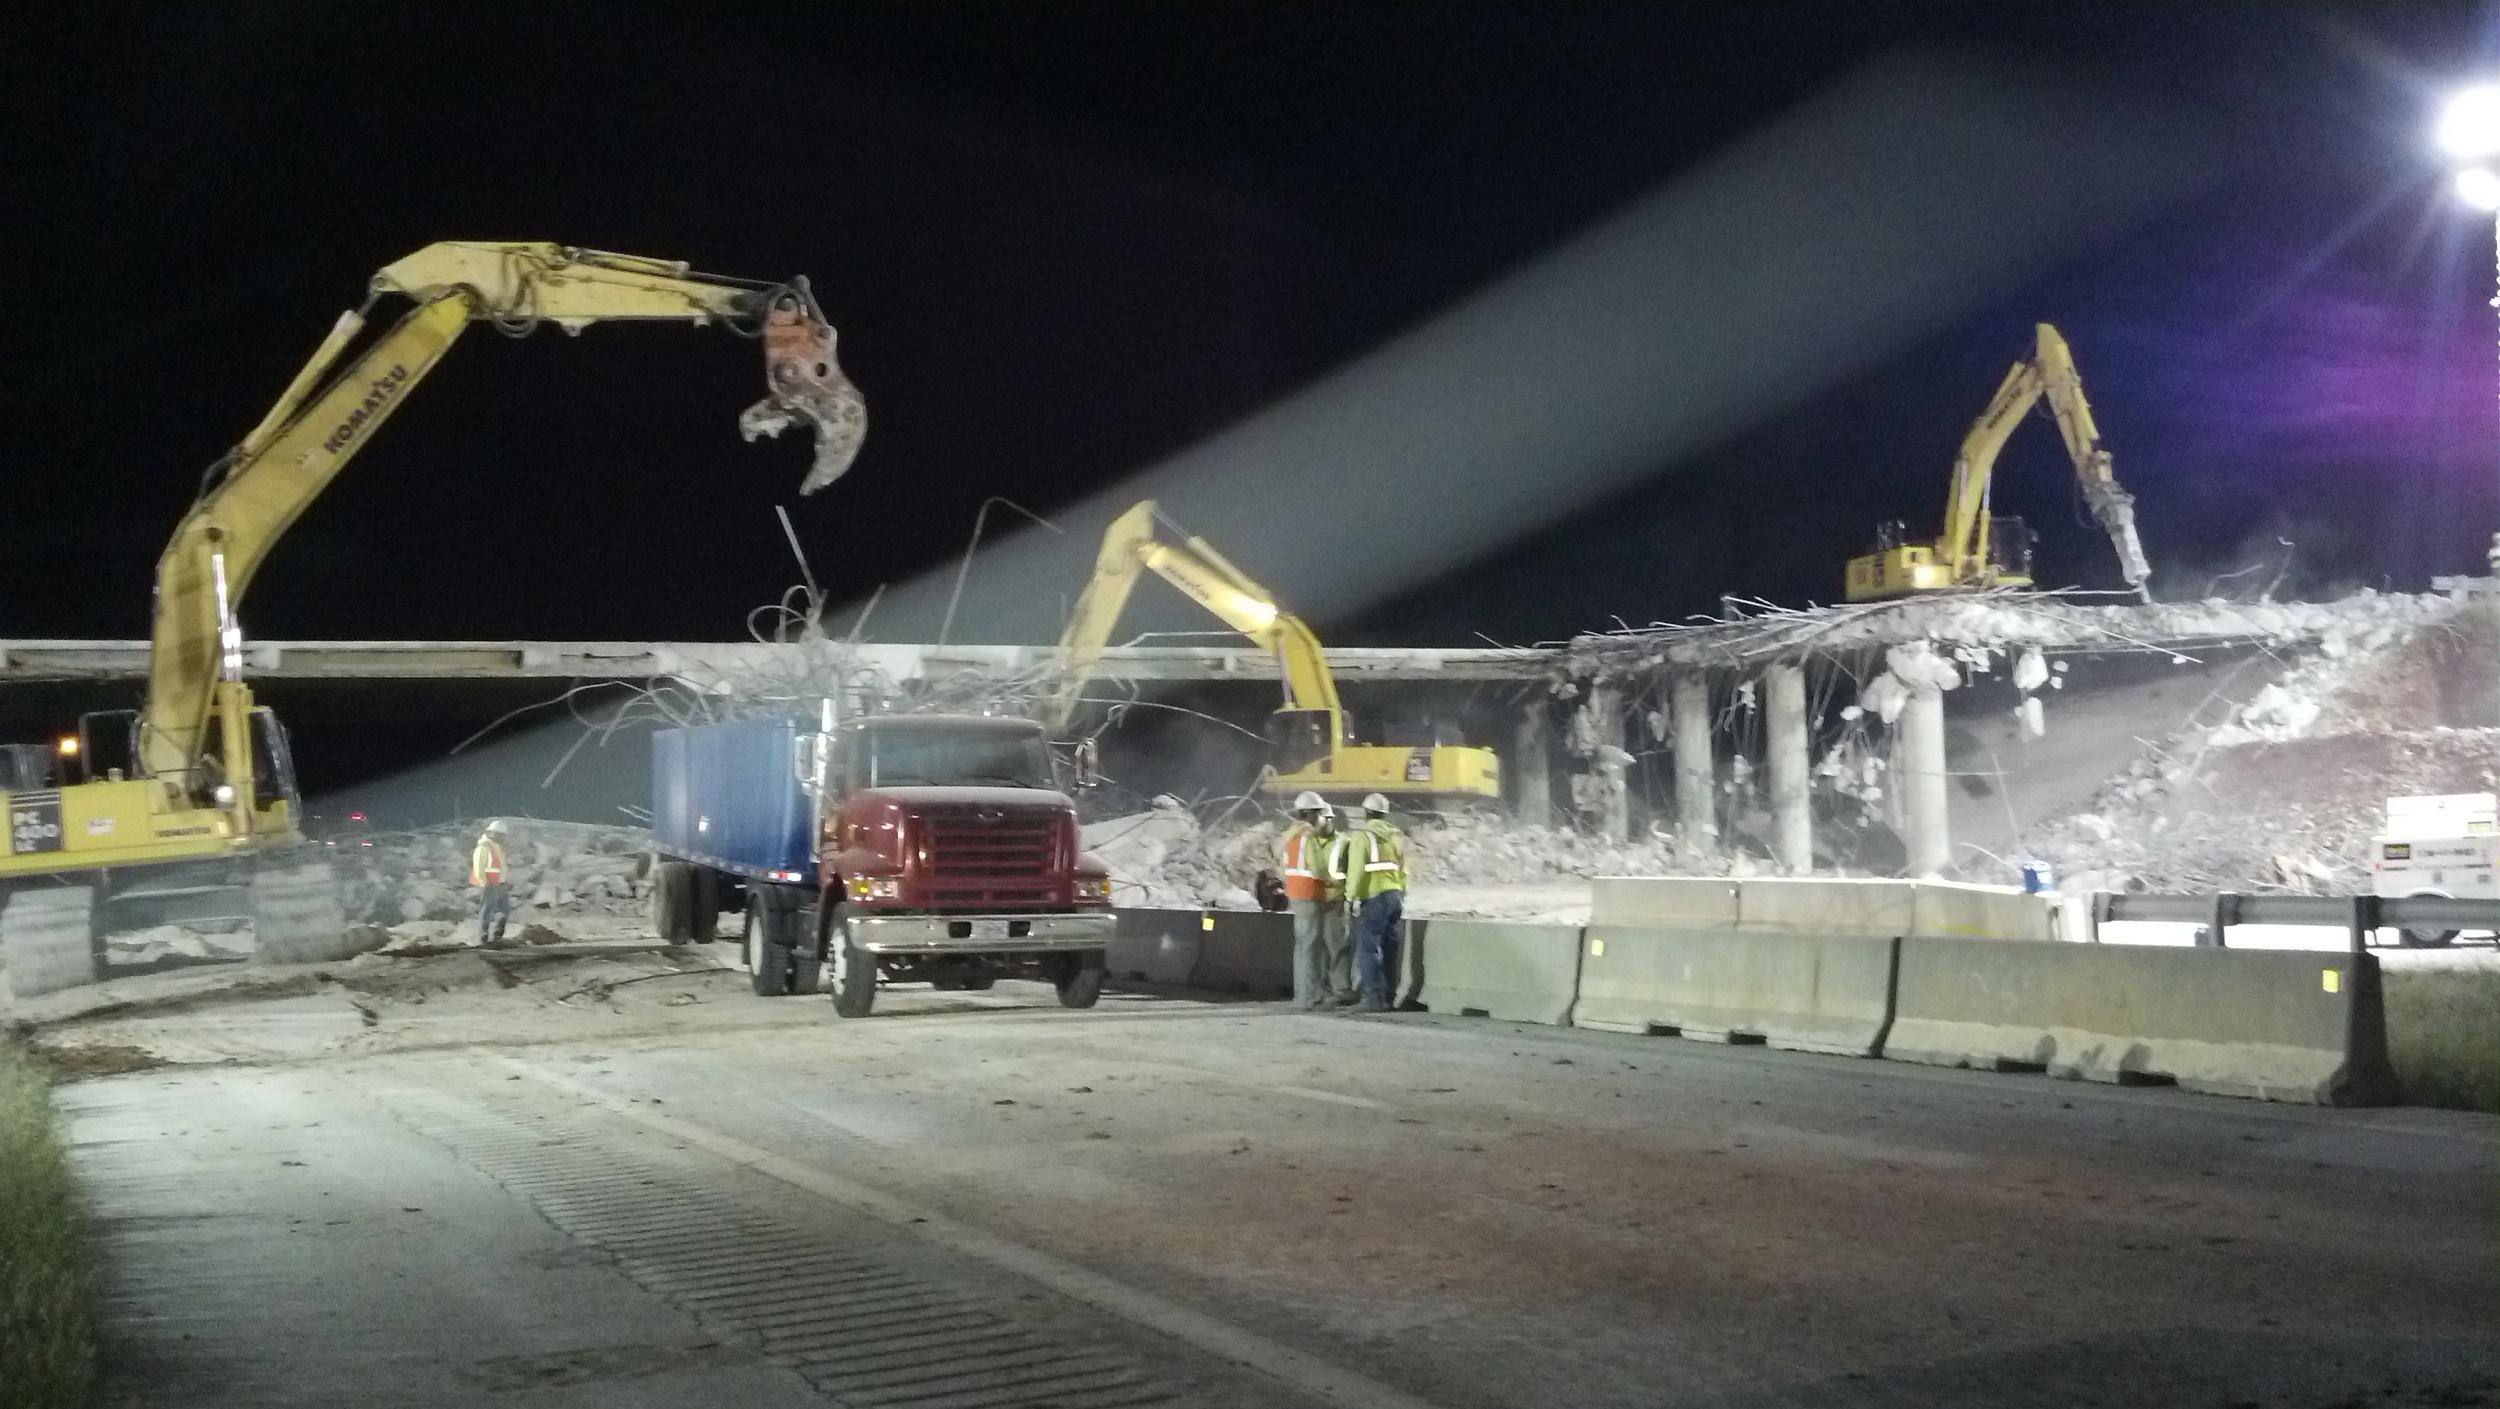 Rte. 160 Bridge demo over I-44 Springfield, MO